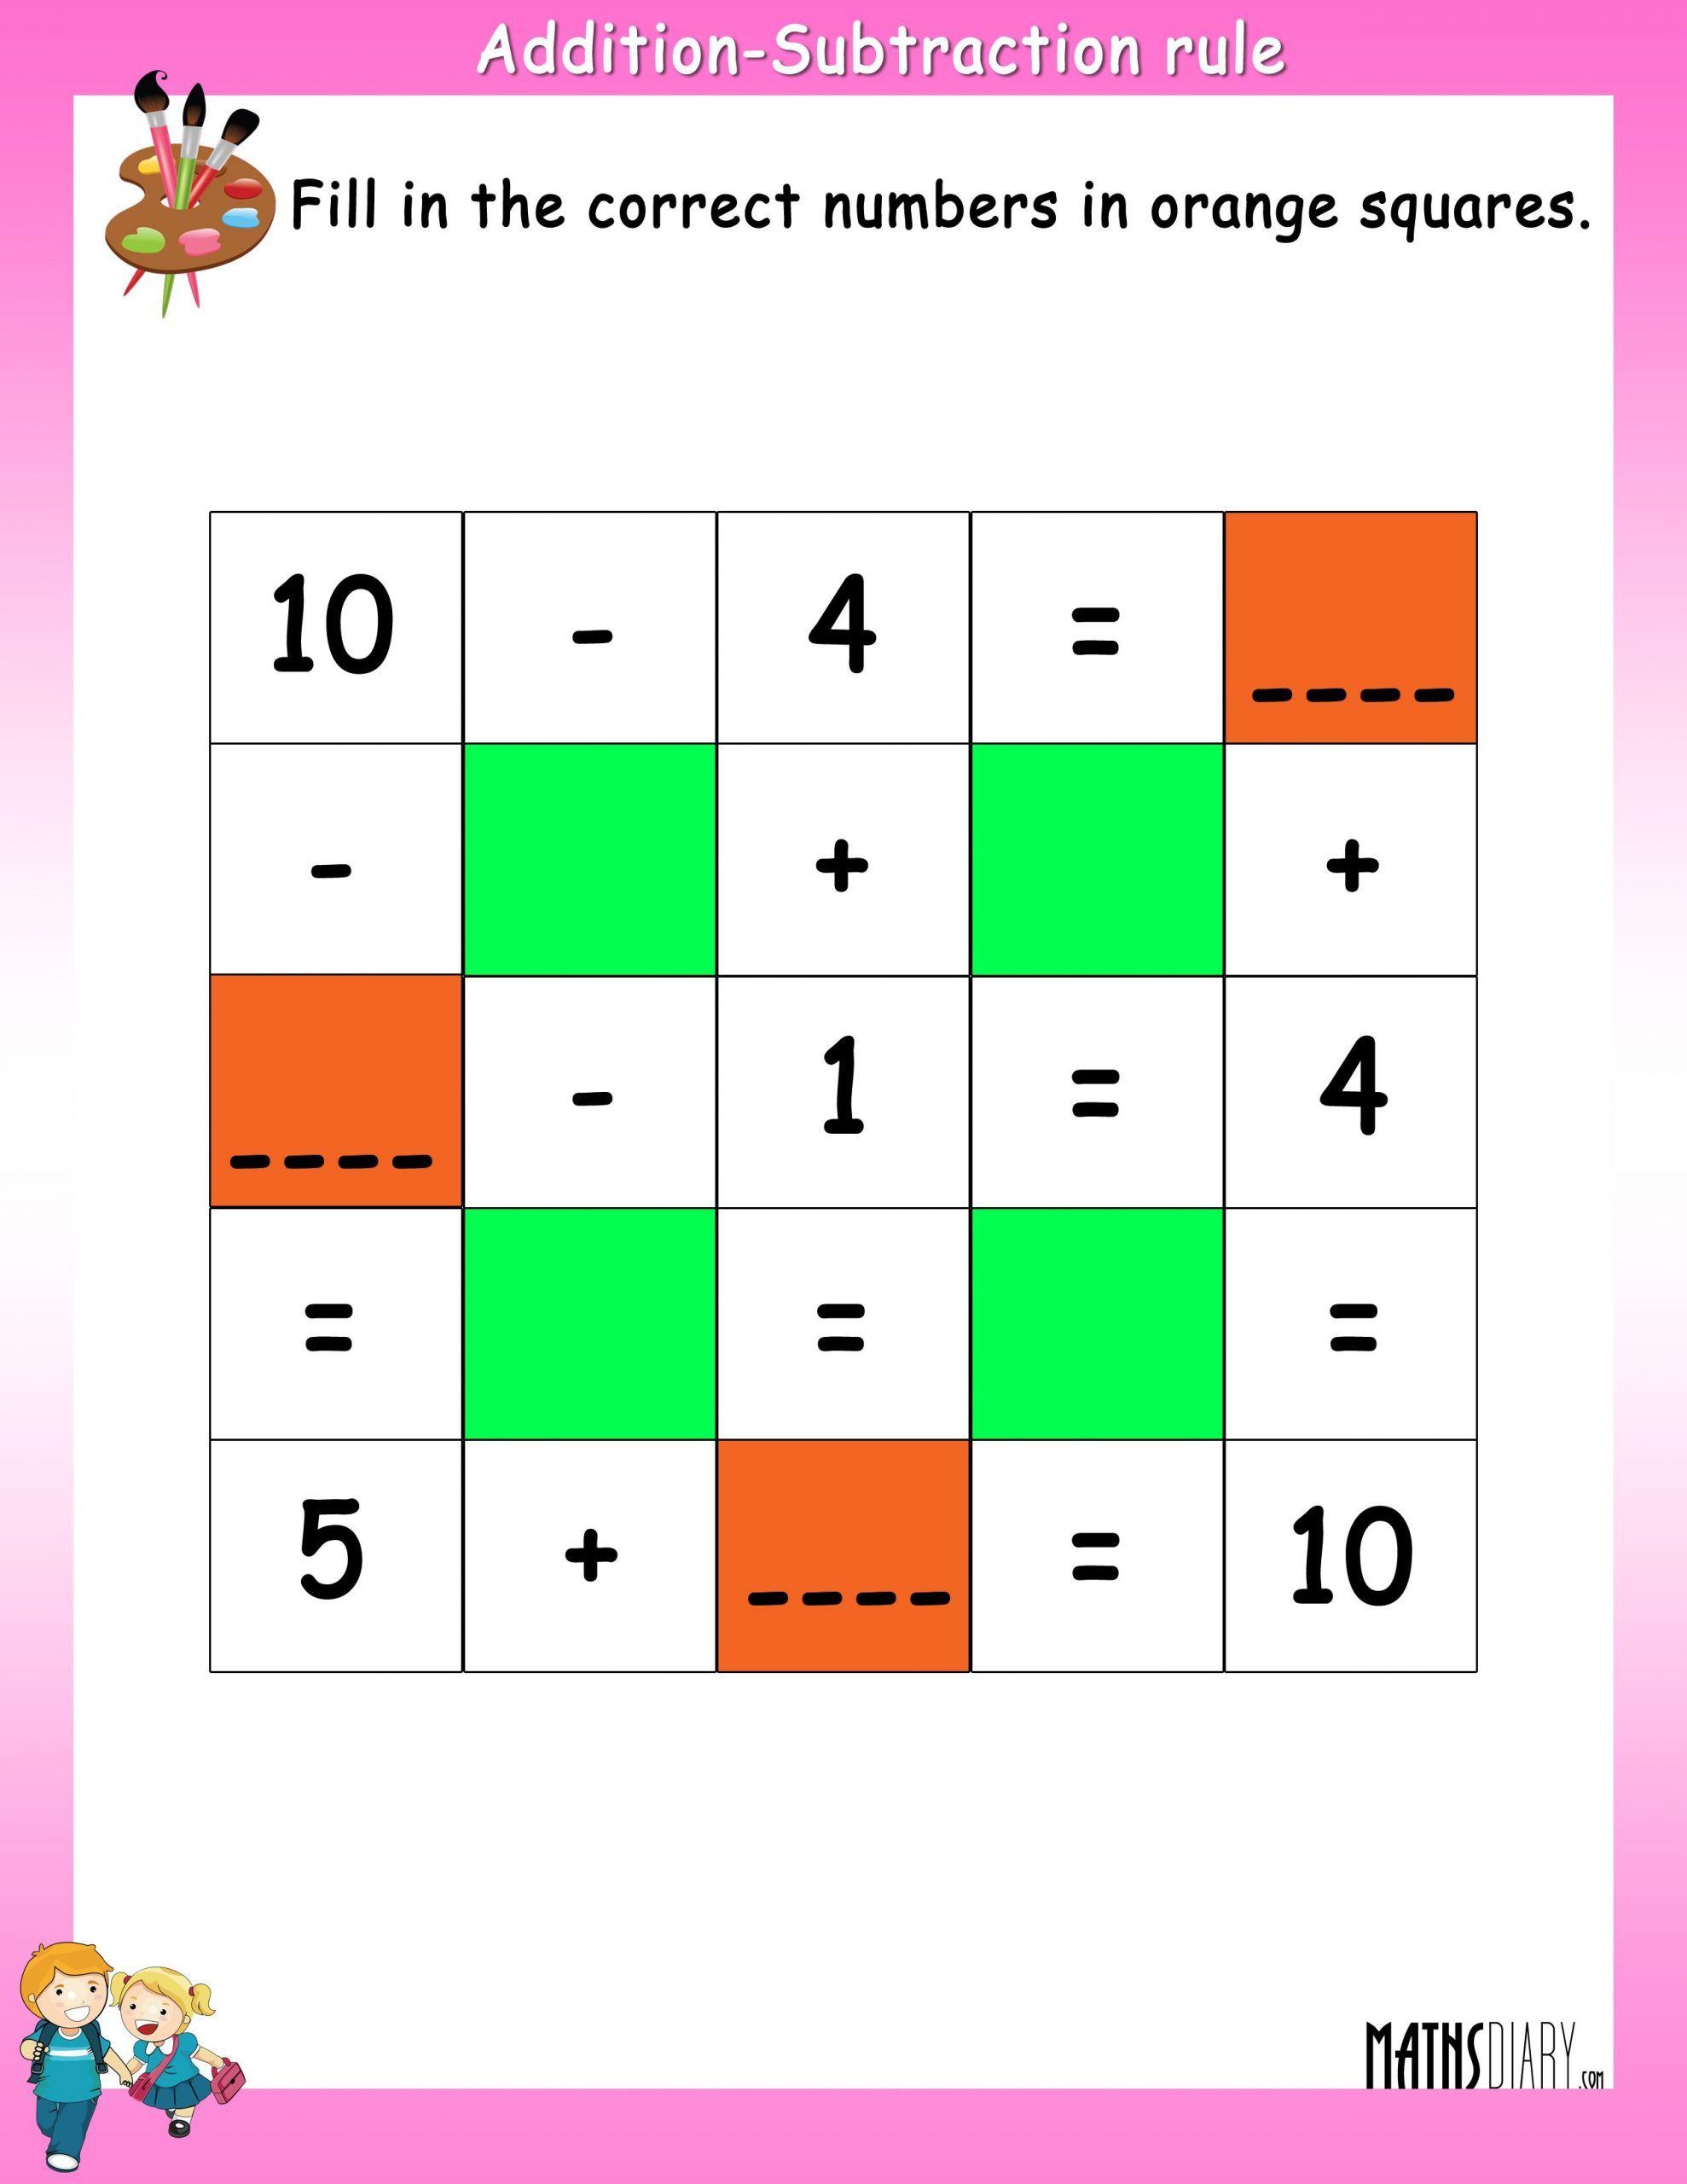 2 Ukg Worksheets Kindergarten Contoh Soal Dan Contoh Pidato Lengkap Ukg Worksheets For Math Addition Worksheets Mental Maths Worksheets Kindergarten Worksheets